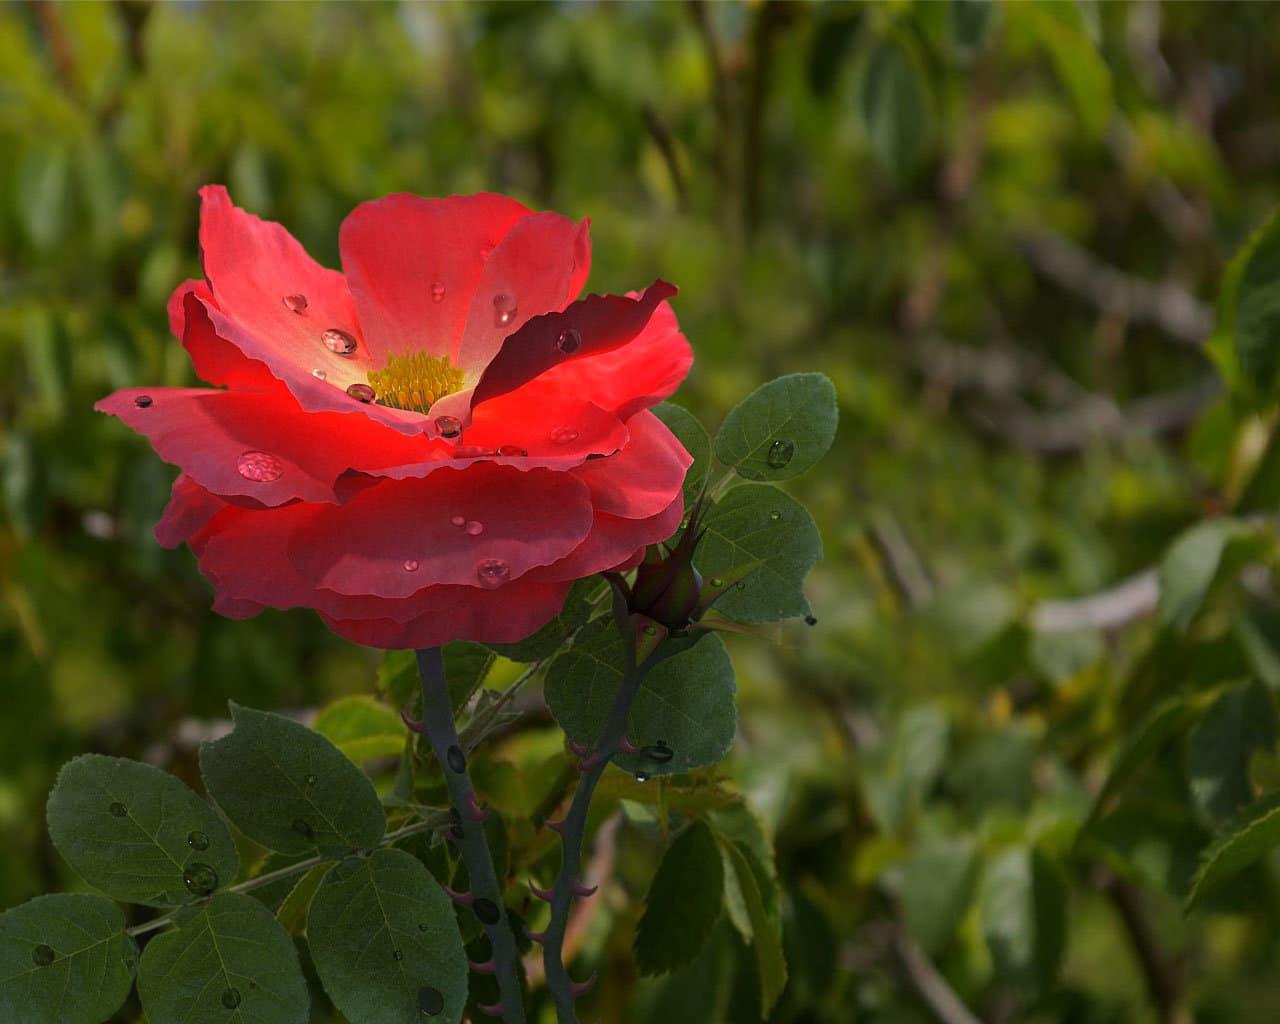 роза в капельках